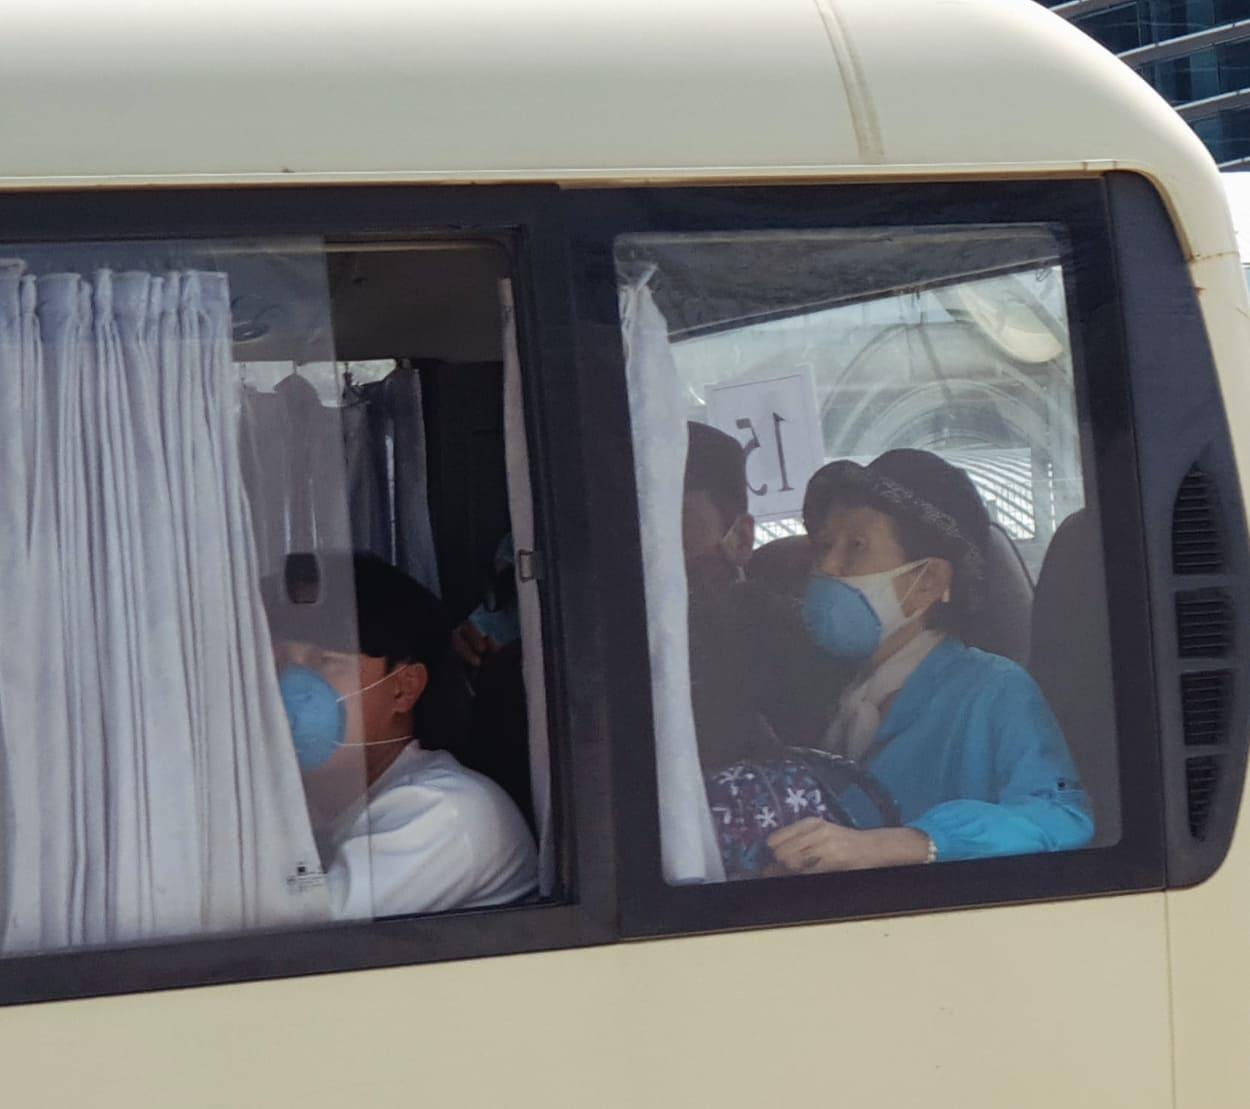 Chủ tịch Đà Nẵng gửi lời xin lỗi nhóm khách Hàn Quốc - Ảnh 2